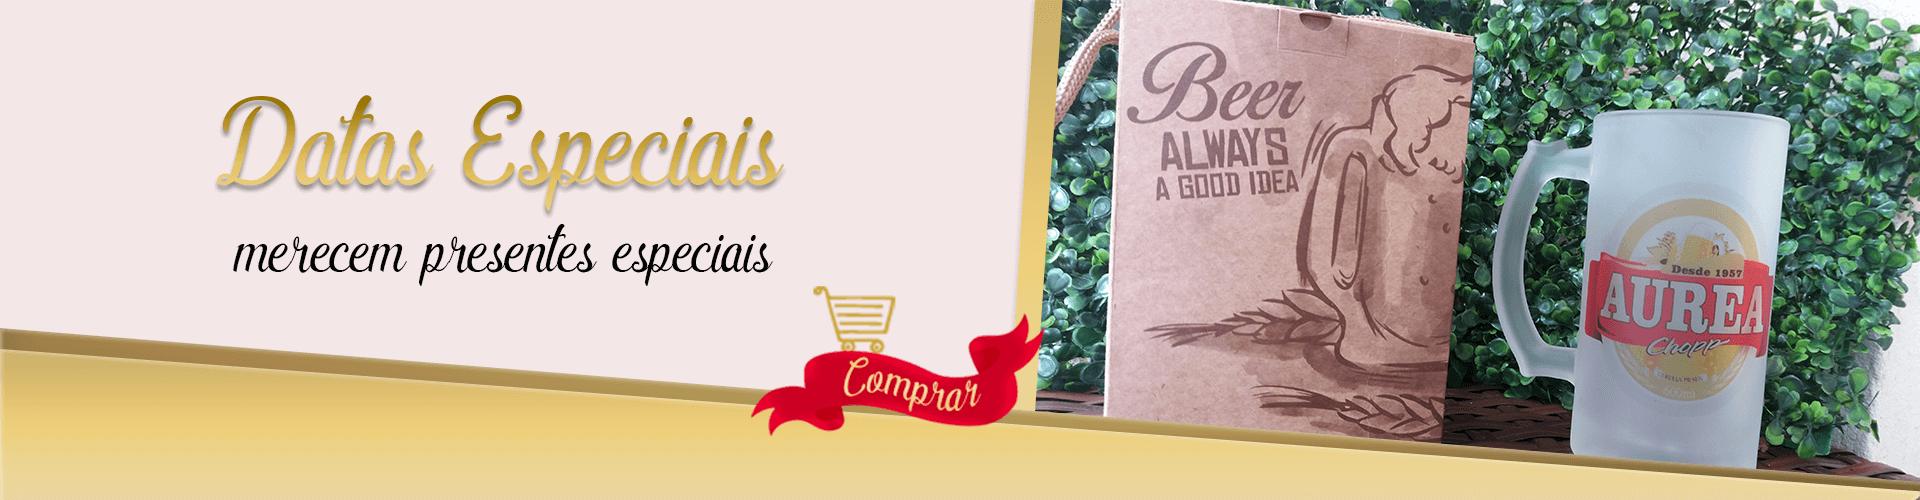 Datas Especiais merecem presentes especiais, personalizamos com todo carinho para você! Veja mais produtos!